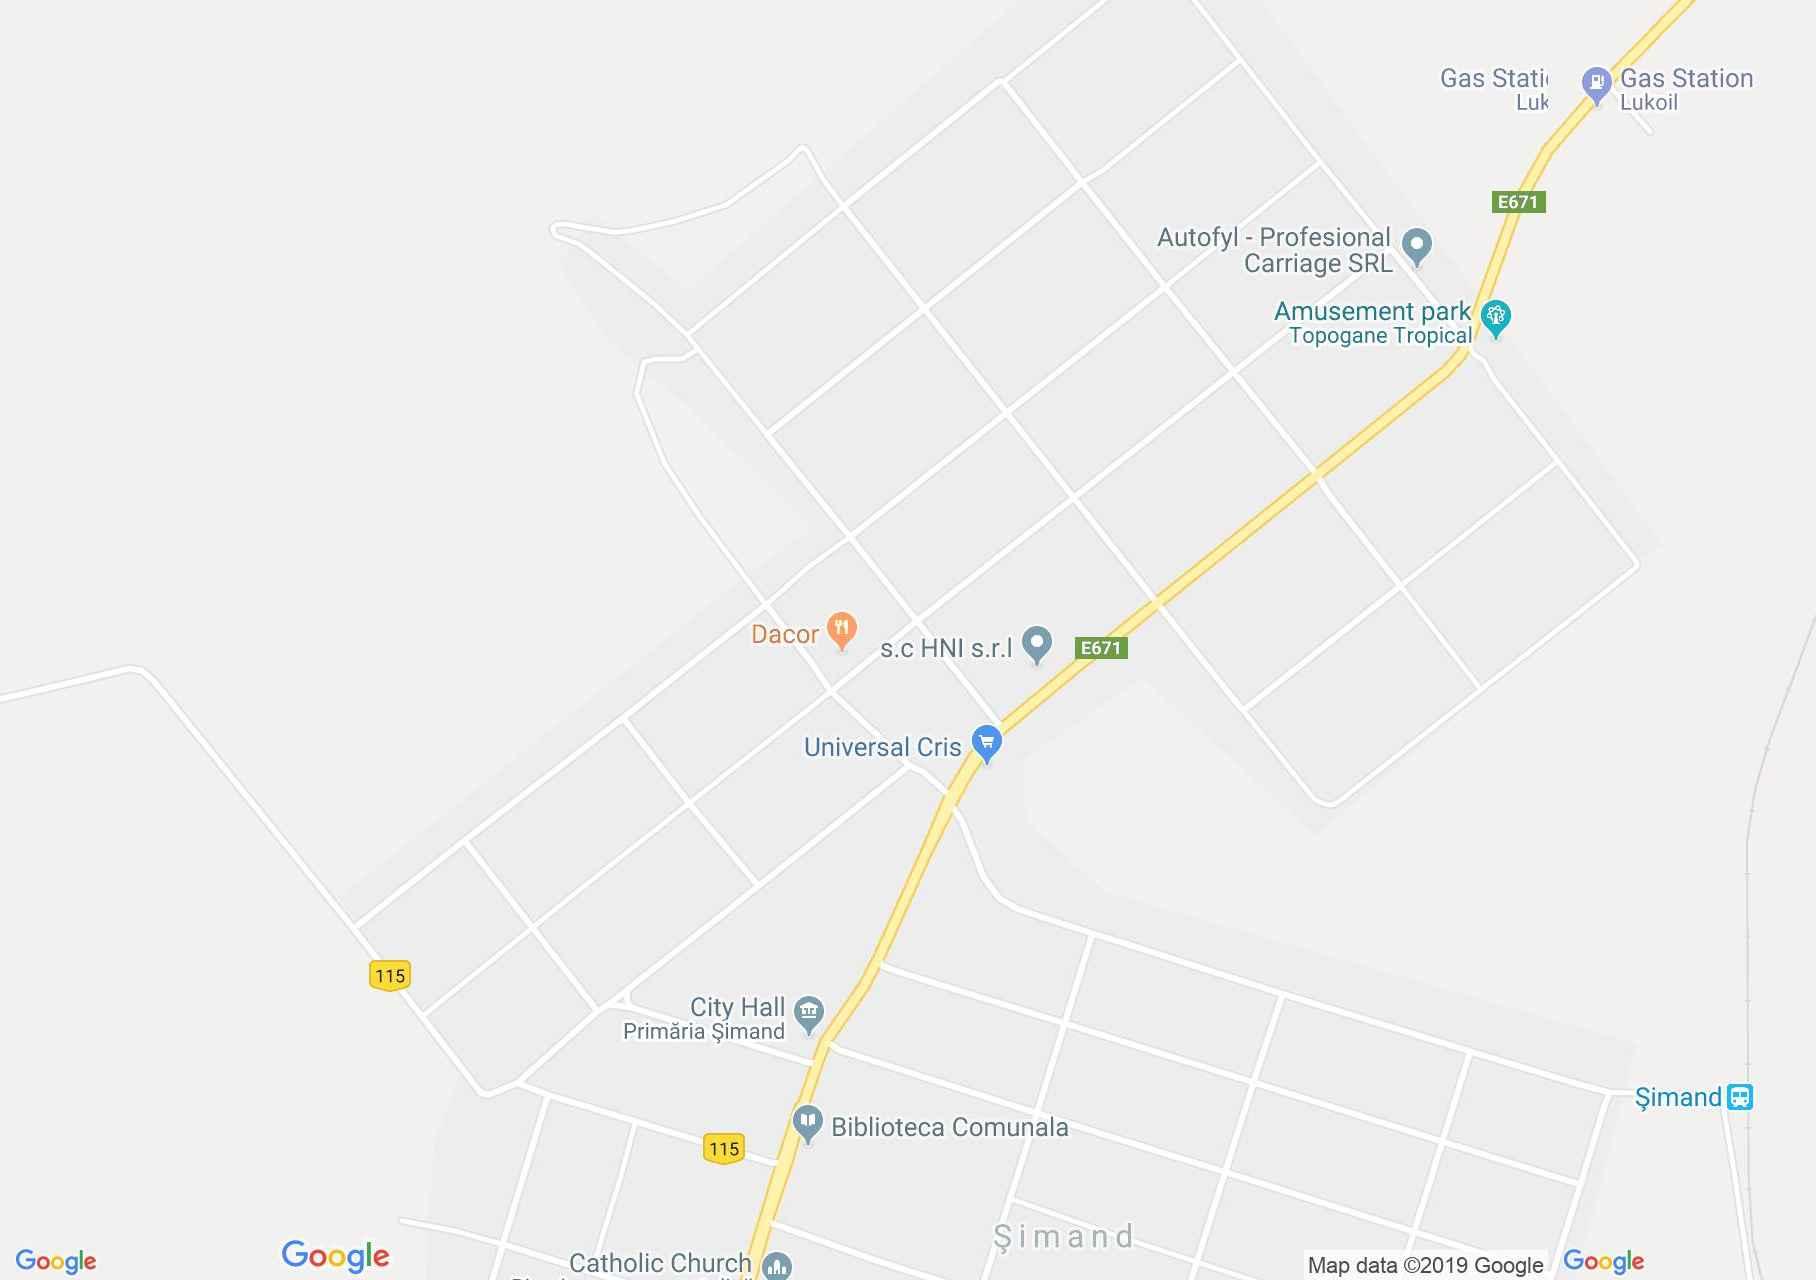 Simánd: Simánd (térkép)